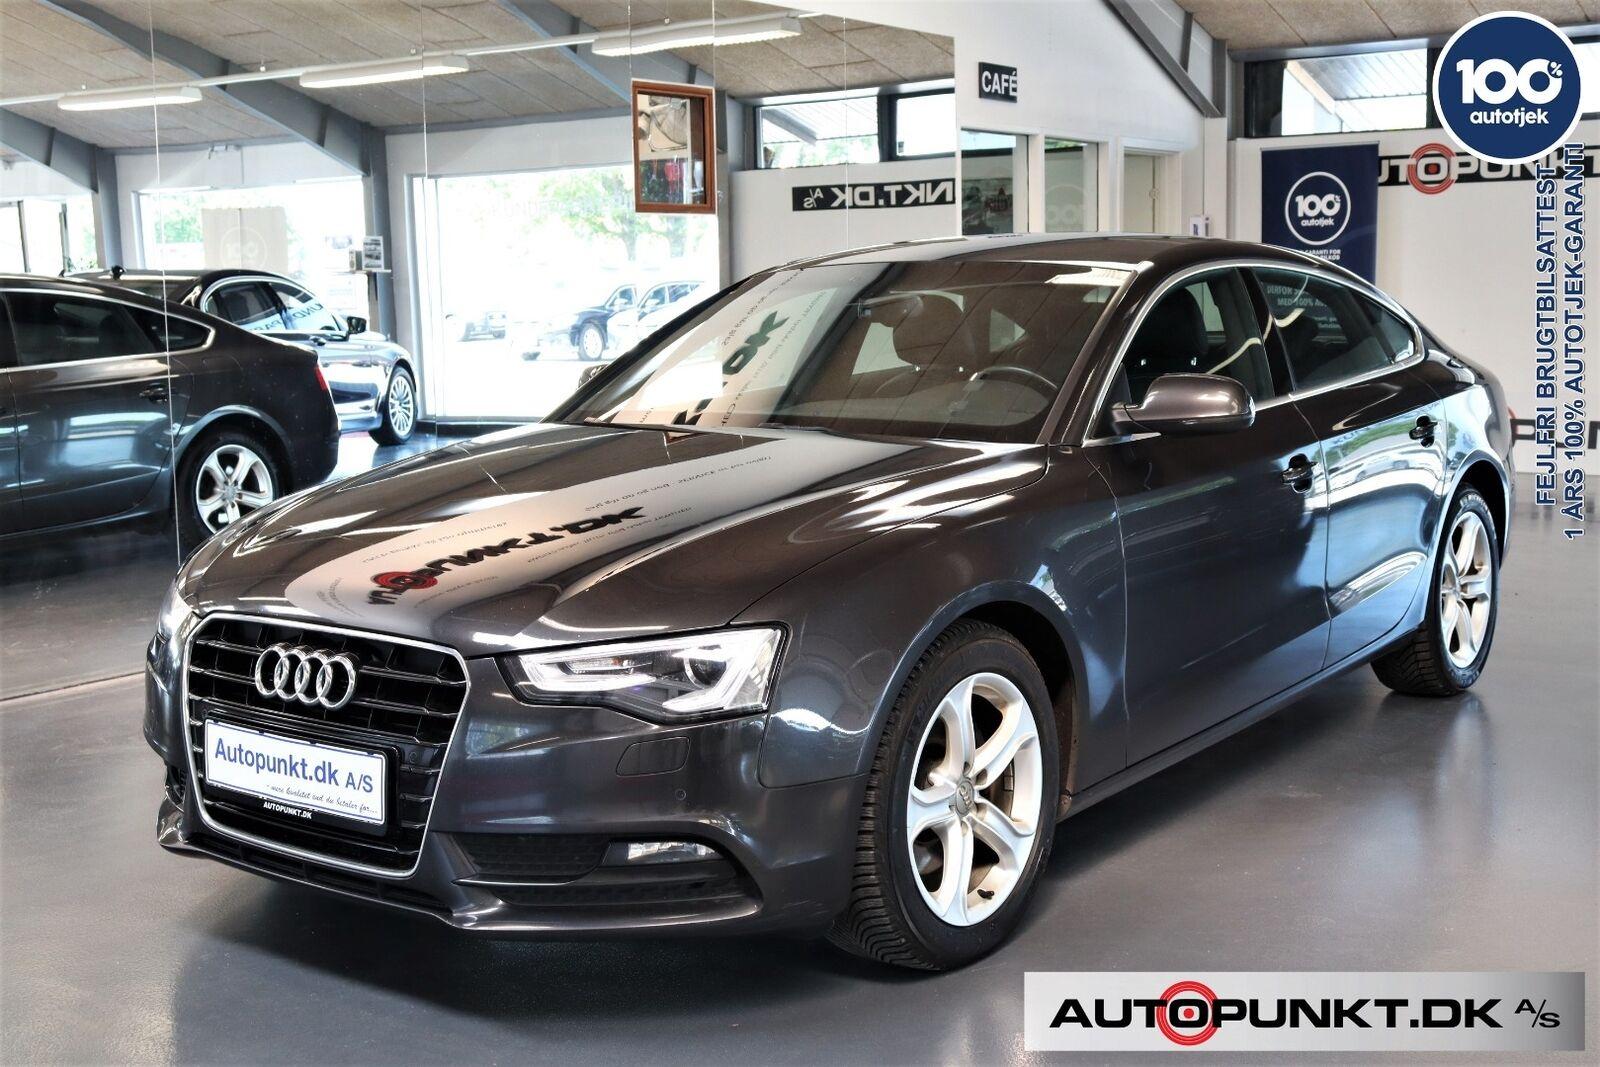 Audi A5 2,0 TDi 190 SB Multitr. 5d - 289.700 kr.